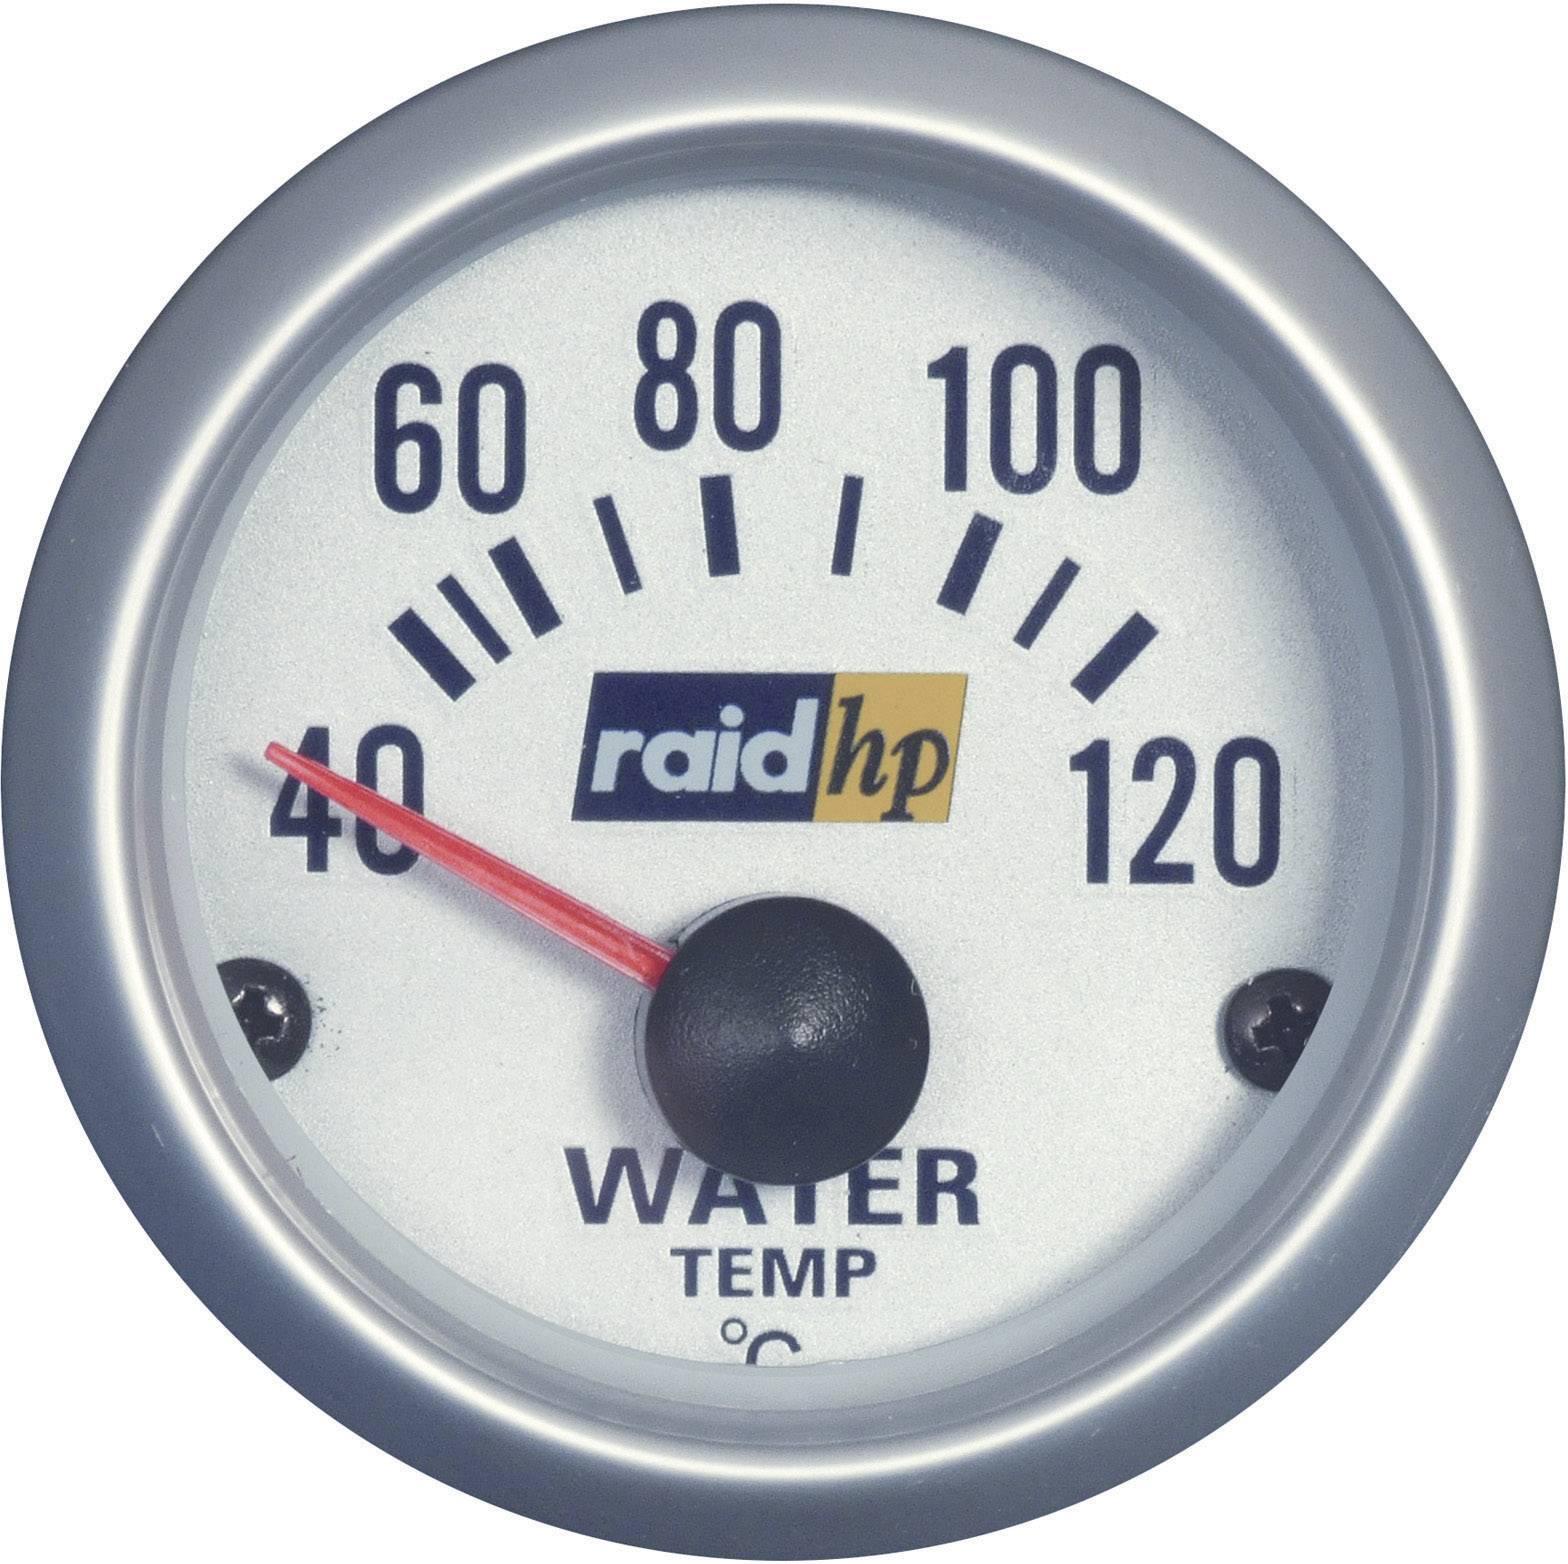 Vestavný ukazatel teploty vodyRaidHp